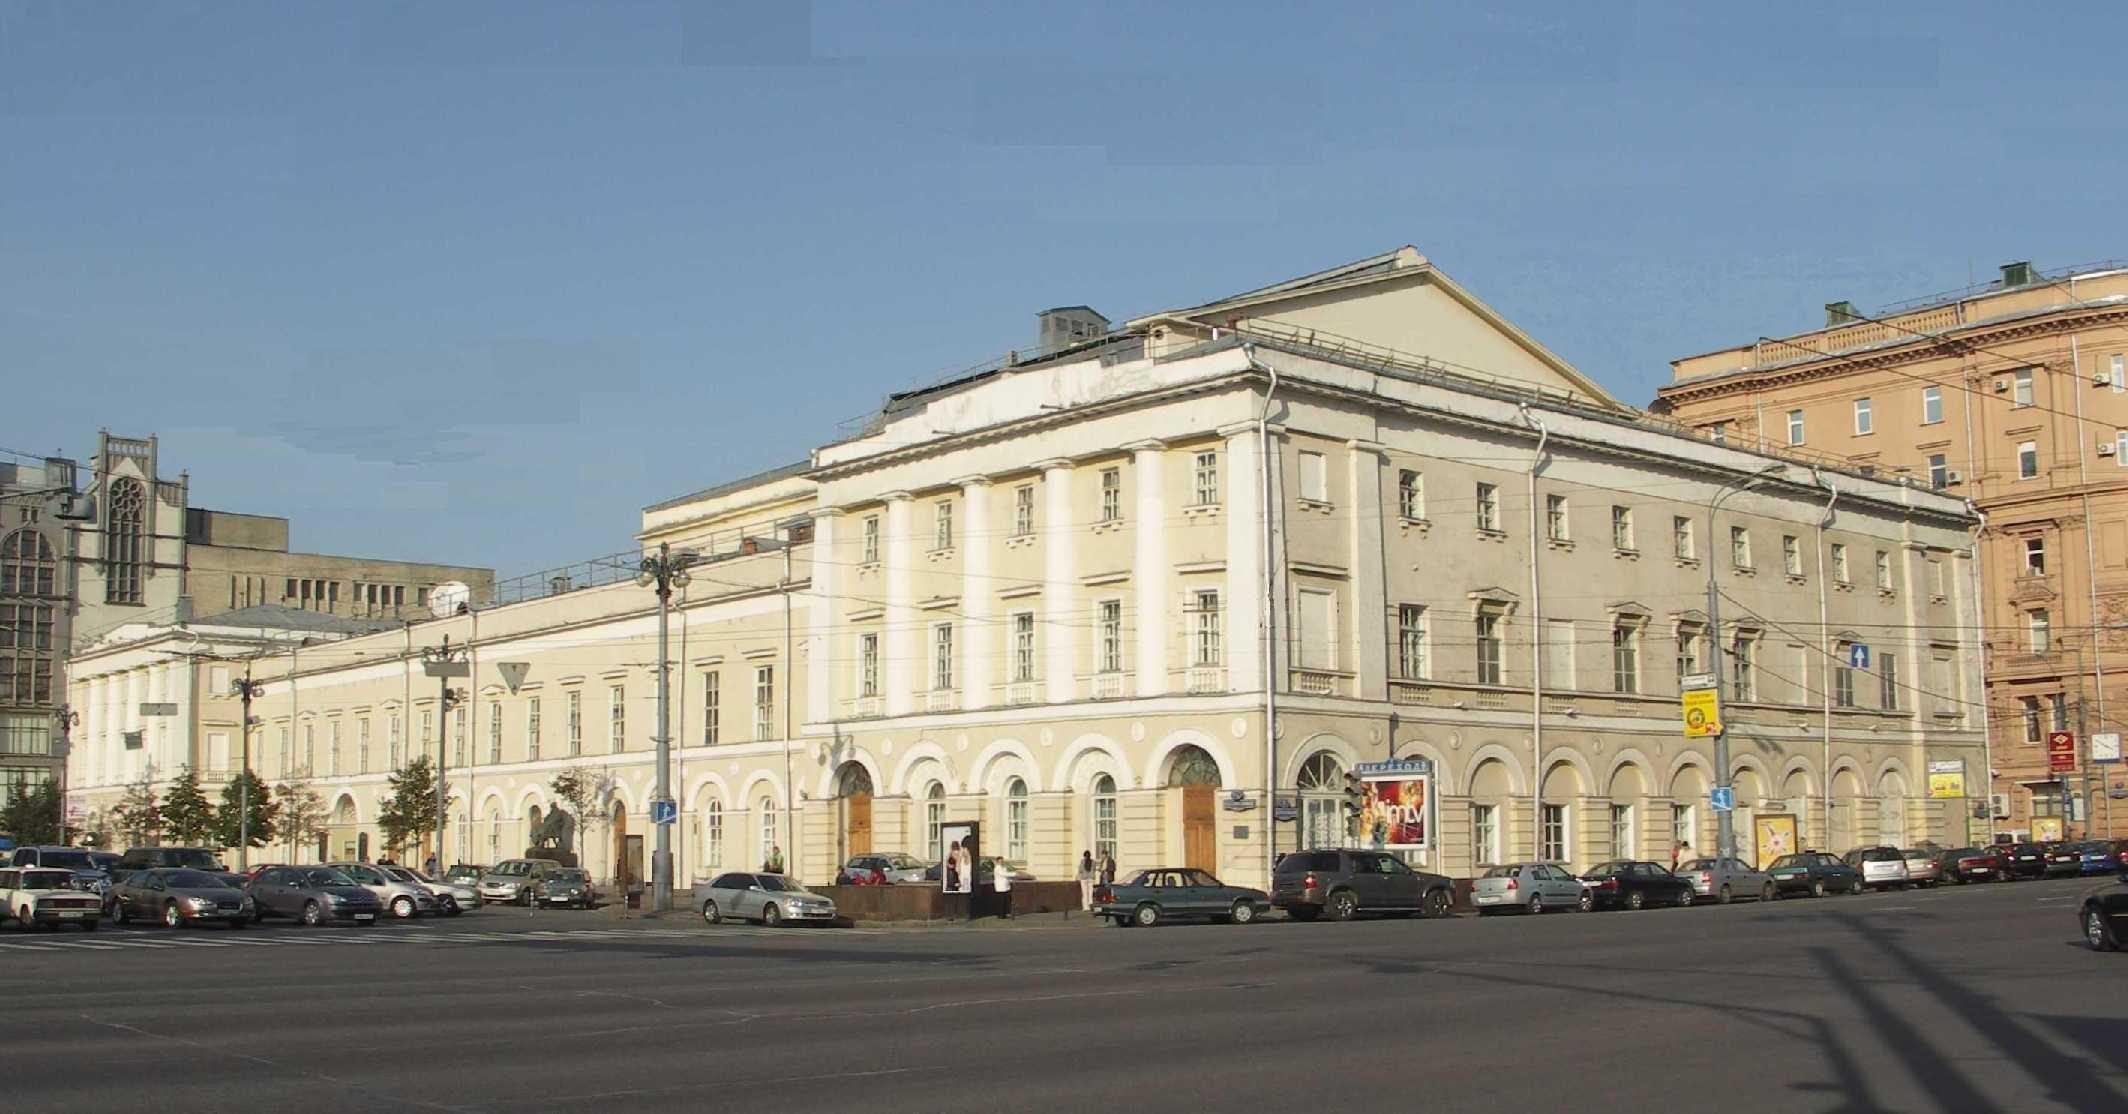 ロシア・モスクワでおすすめの劇場4選!芸術の国で本場の演劇を見るならココに行こう